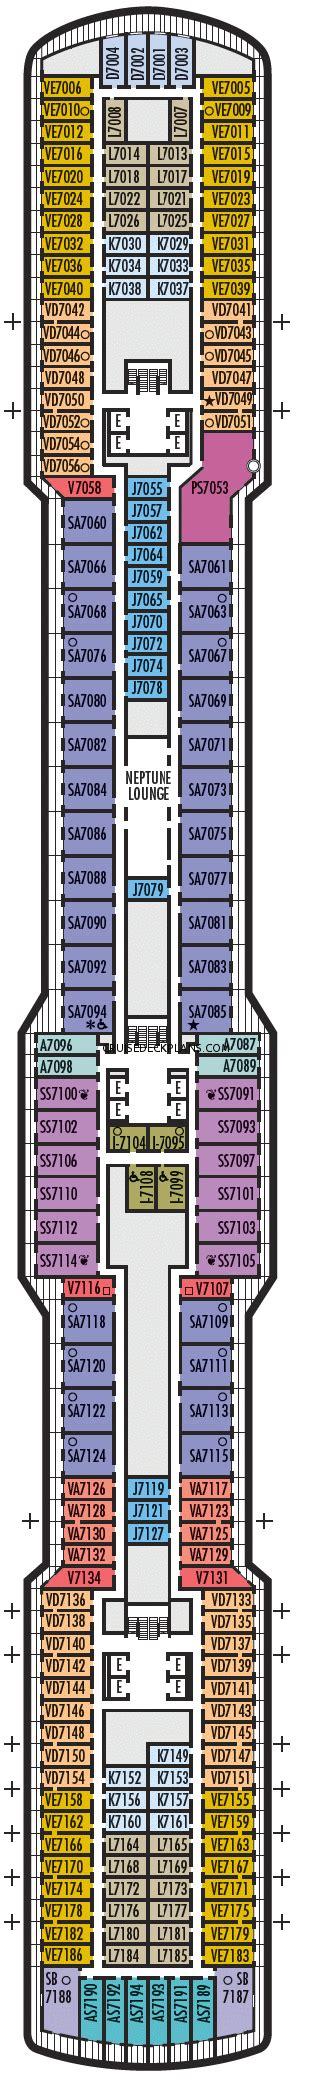 3 bedroom cabin floor plans nieuw statendam deck plans diagrams pictures